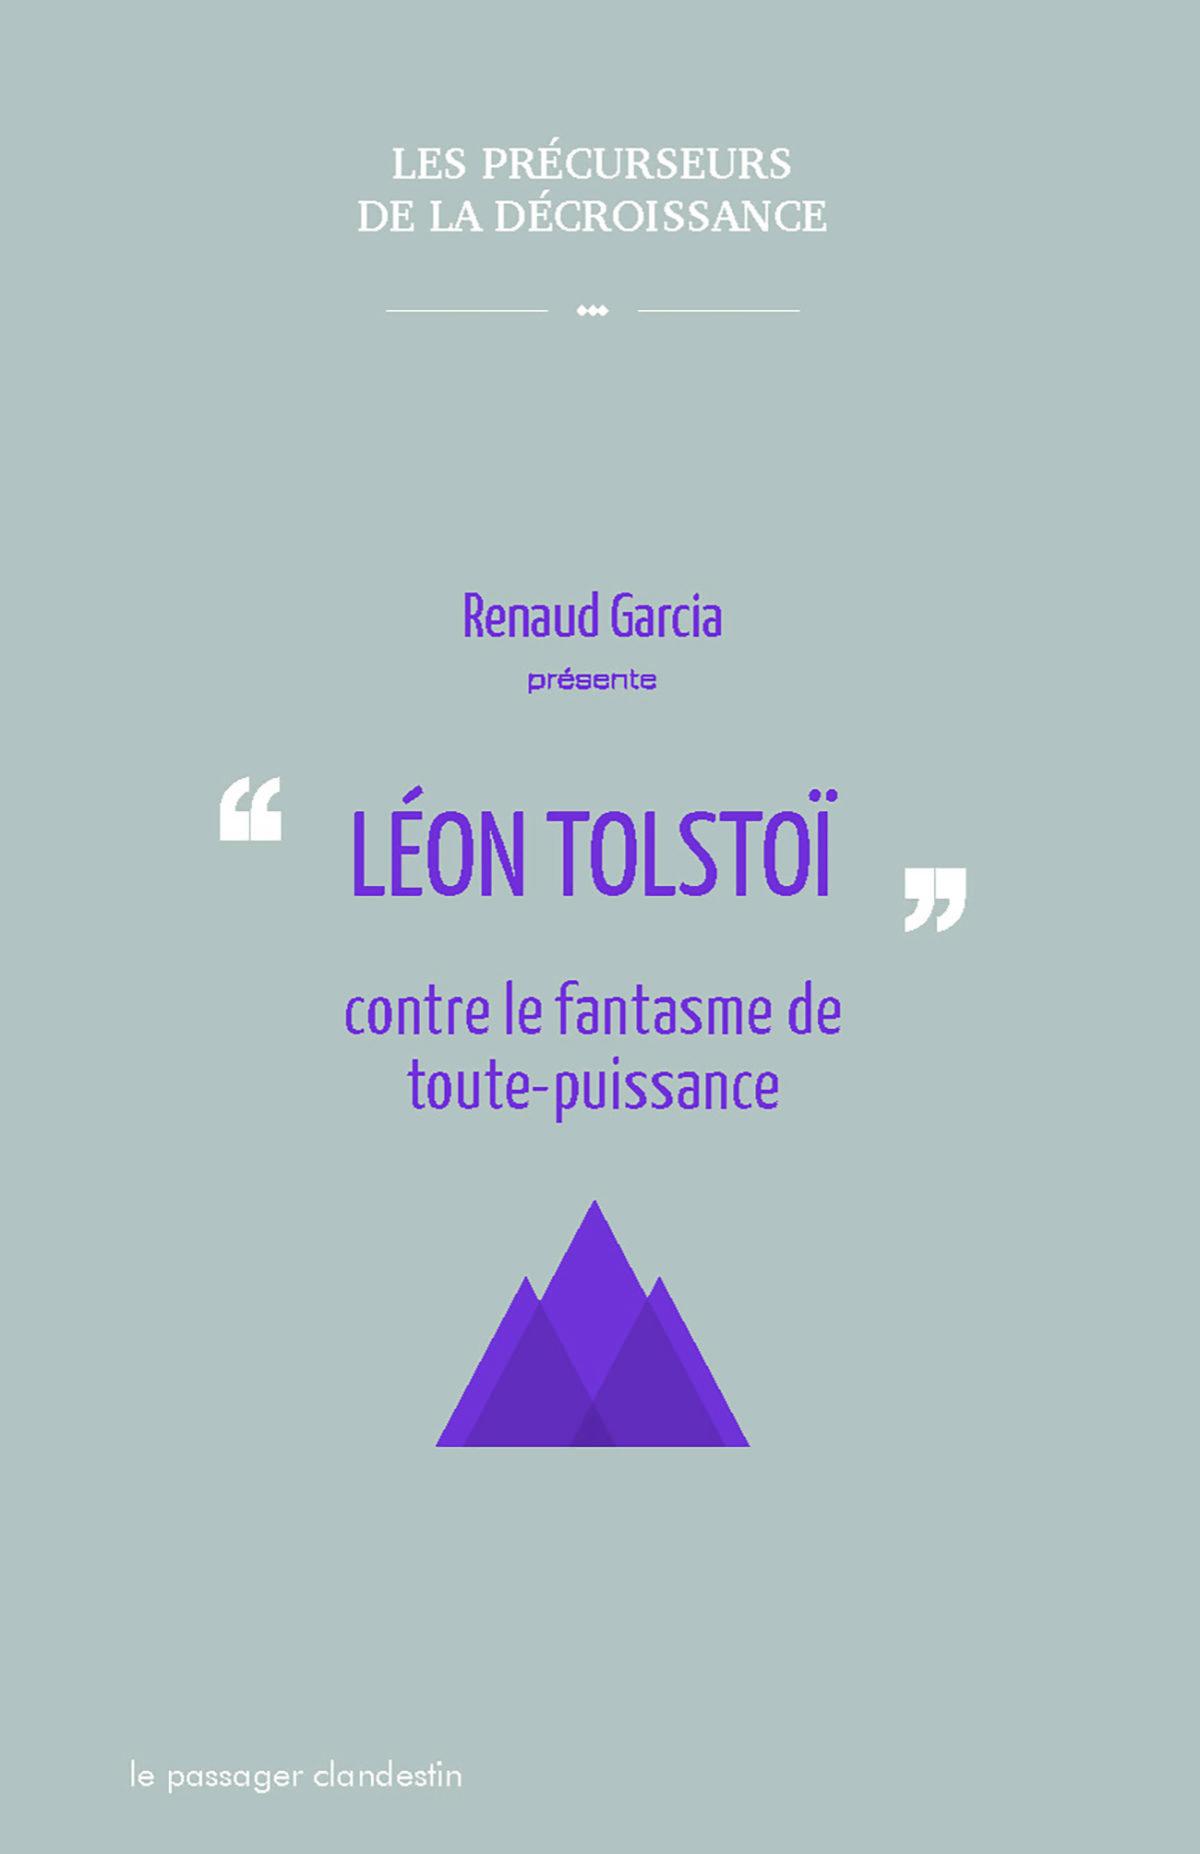 Léon Tolstoï contre le fantasme de toute-puissance